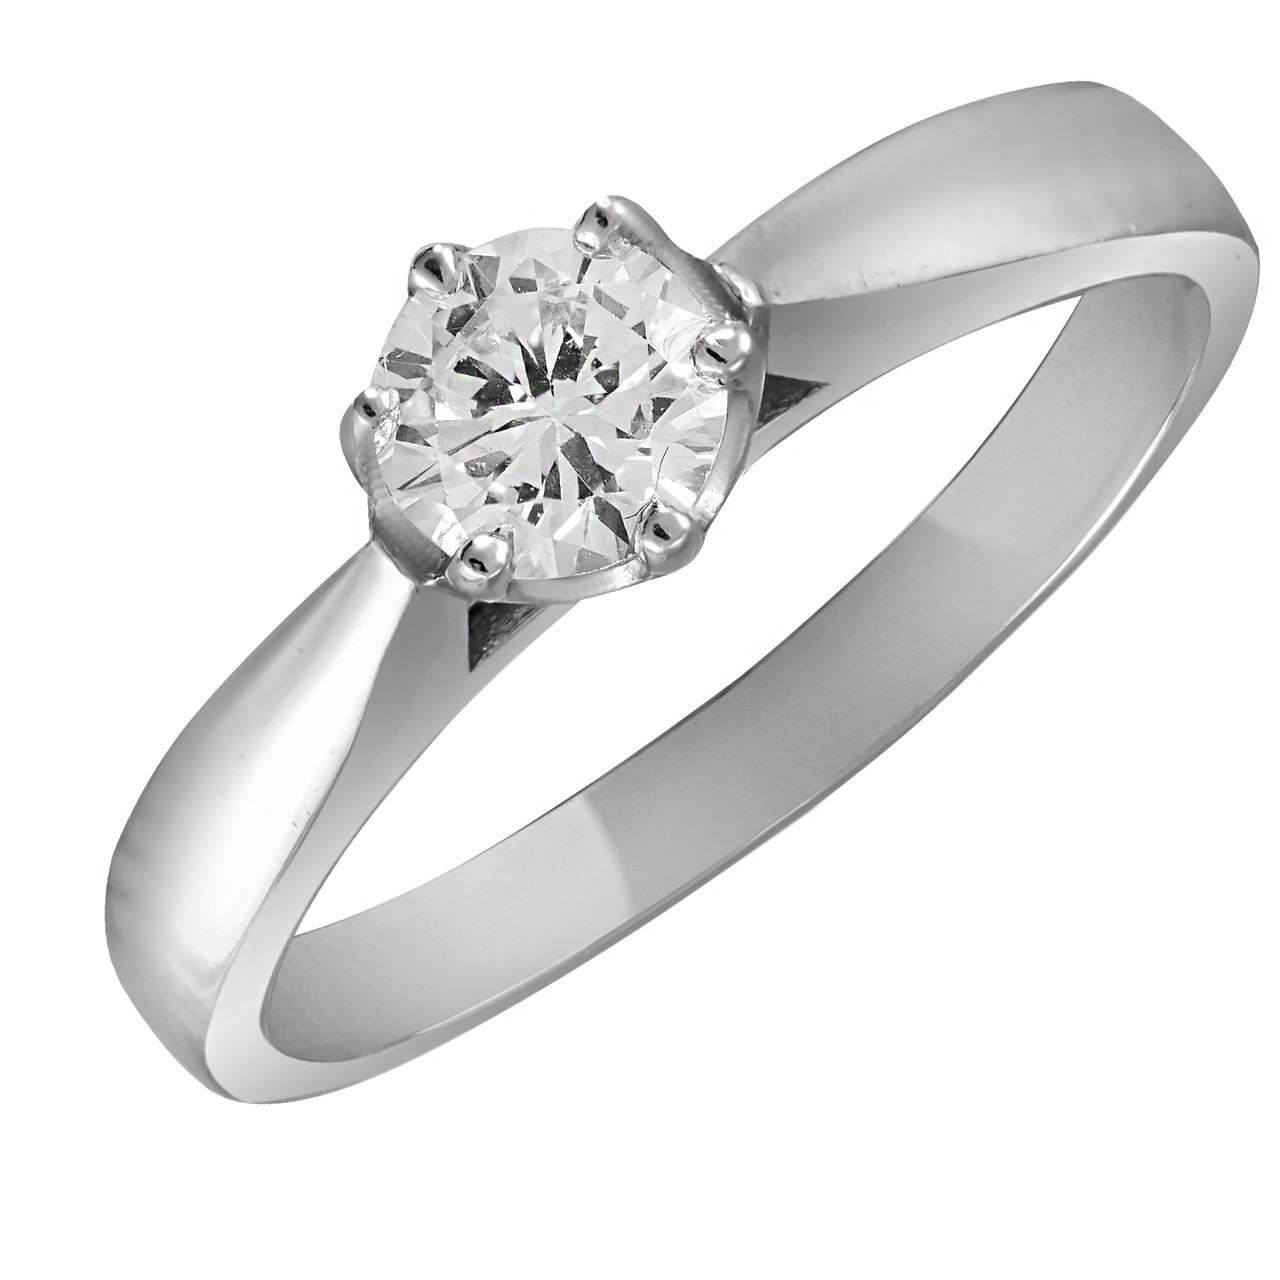 Кольцо из серебра с кубическим цирконием Twiddle Jewelry 20.0 размер (К015-20.0)